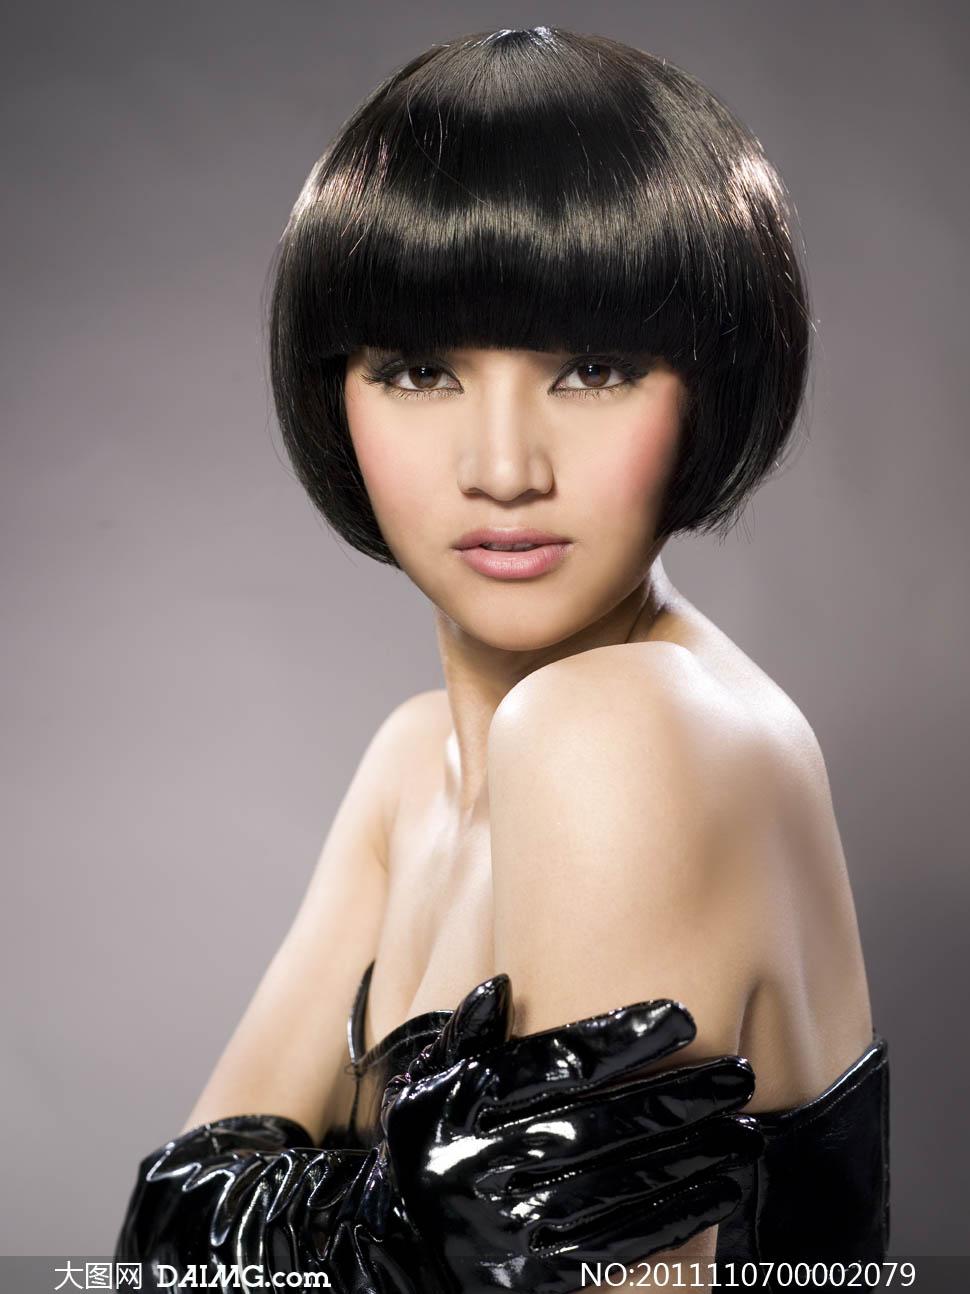 理发店发型设计摄影图片